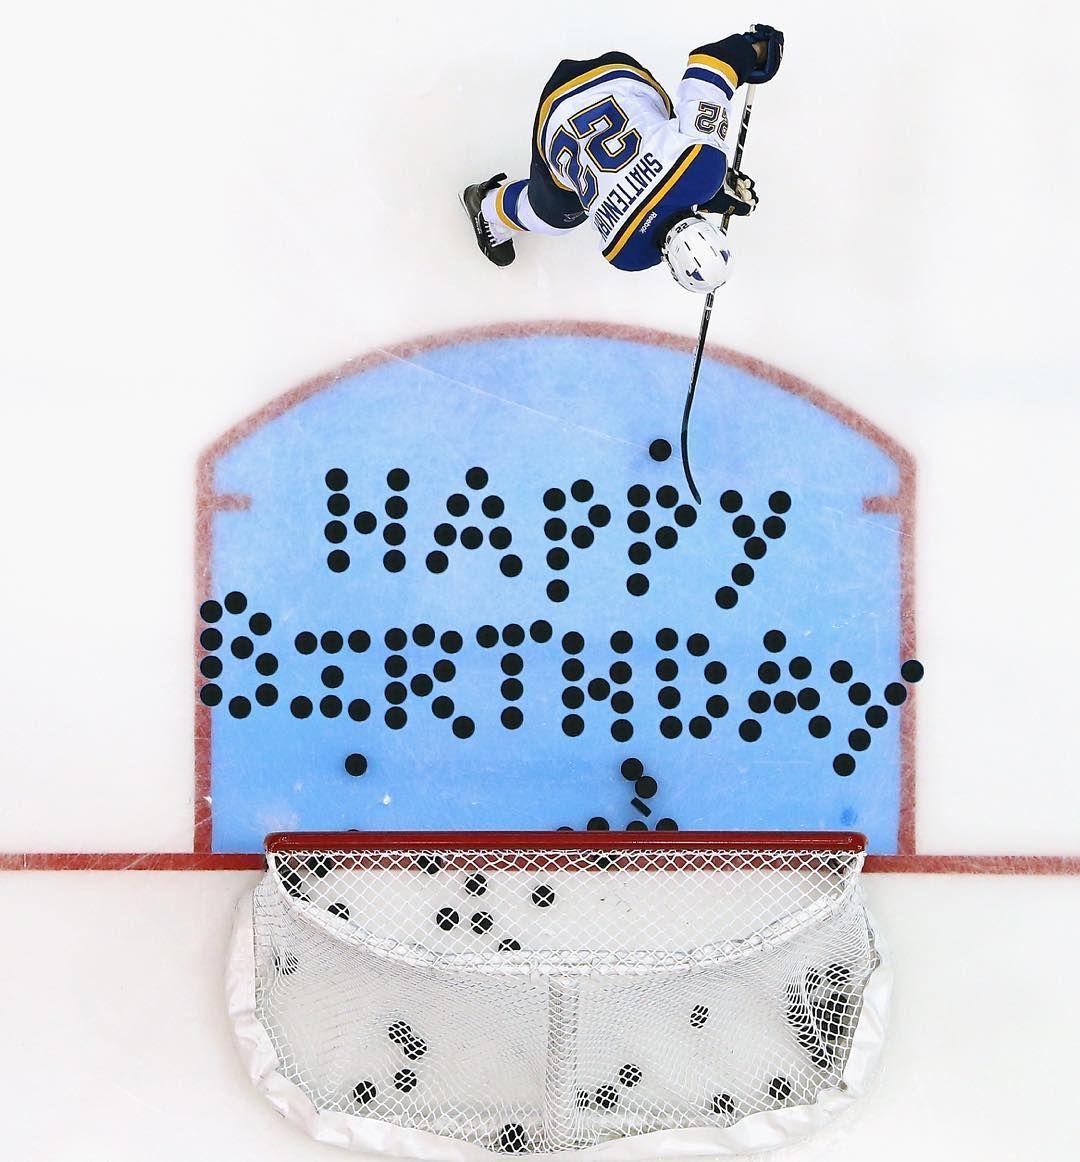 Stlouisblues Today 22 Turns 27 Happy Birthday Shattdeuces